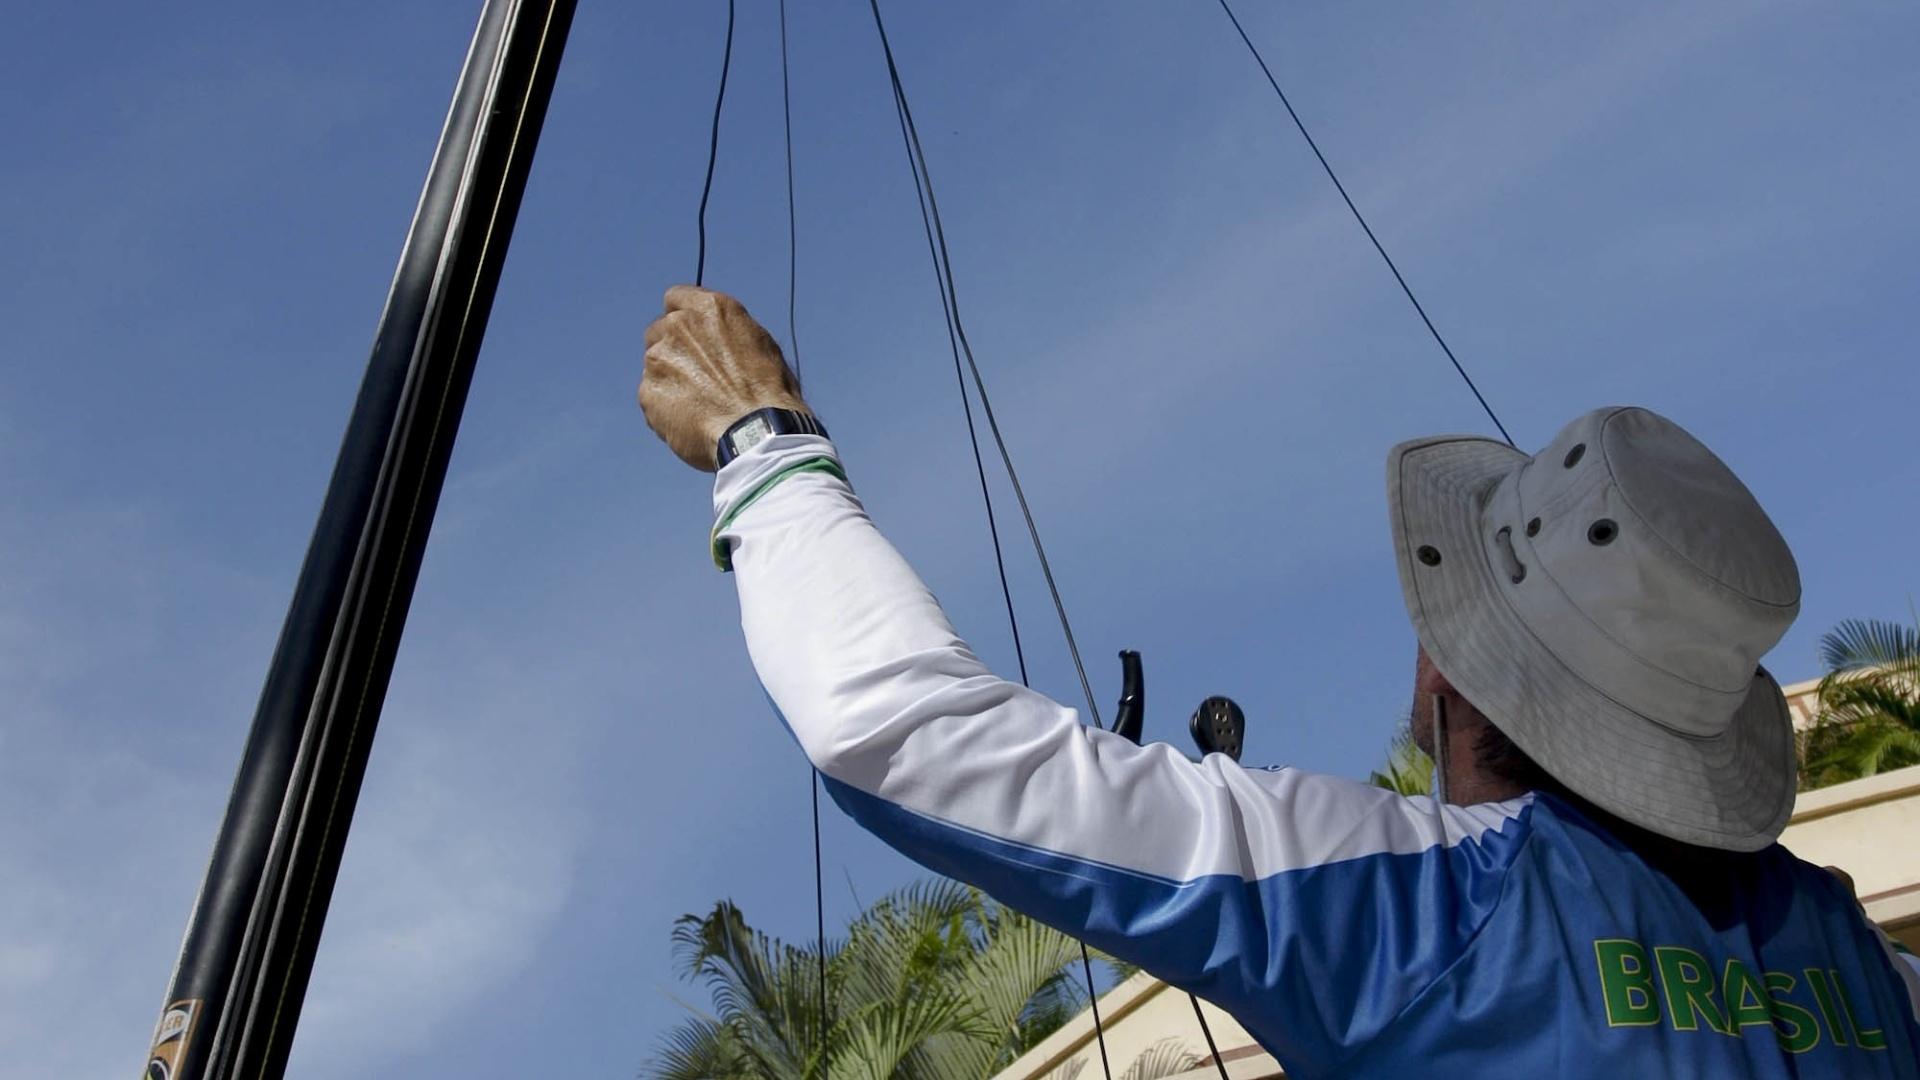 Bruno Oliveira e Bernardo Arndt, da classe Hobie Cat, montam o barco em Nuevo Vallarta